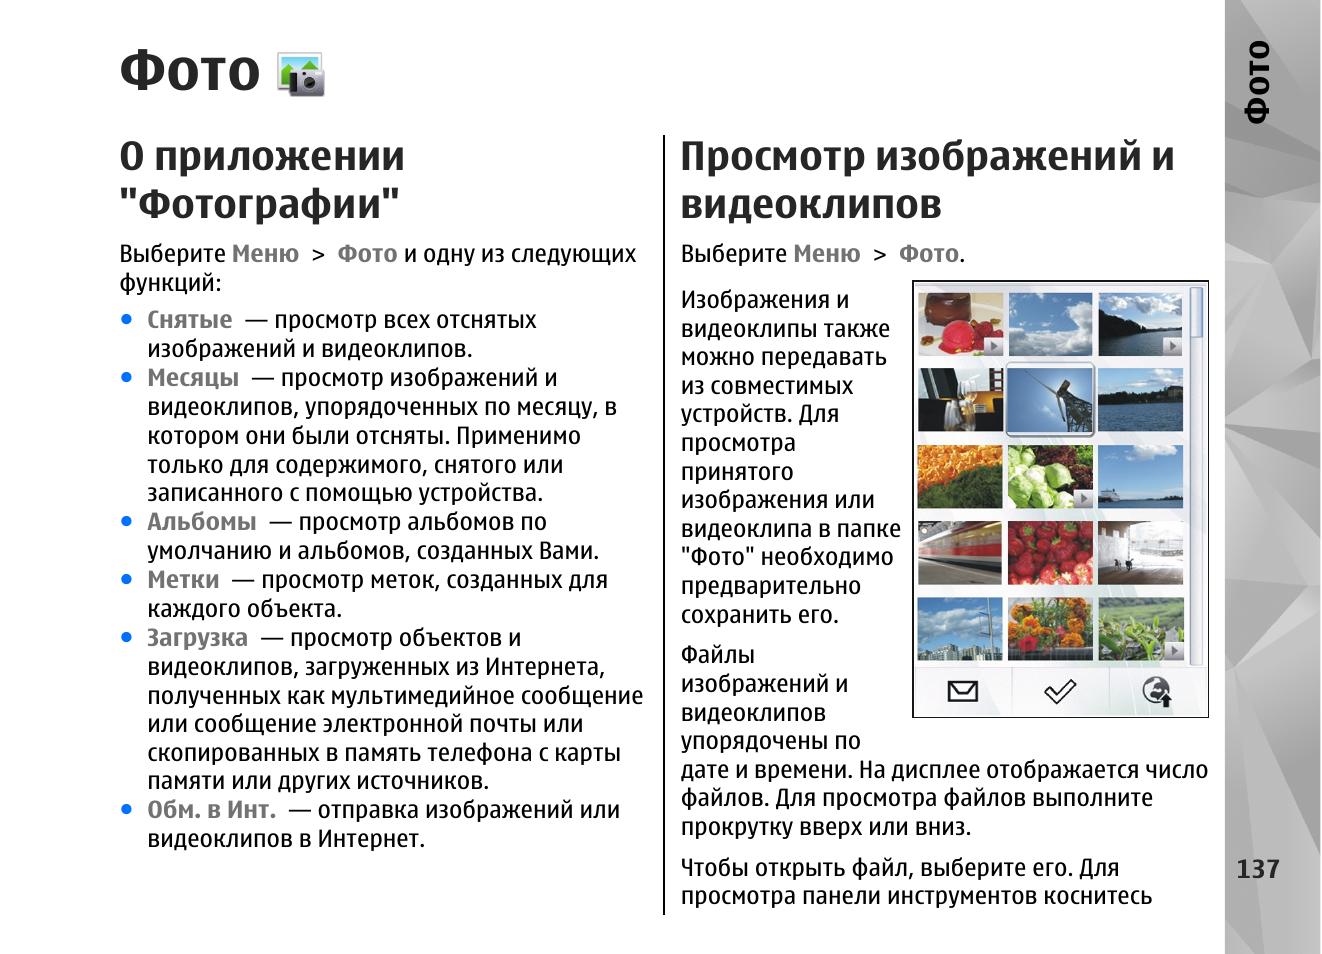 """Фото, О приложении """"фотографии, Просмотр изображений и видеоклипов Инструкция по эксплуатации Nokia N97 Страница 137 / 212"""